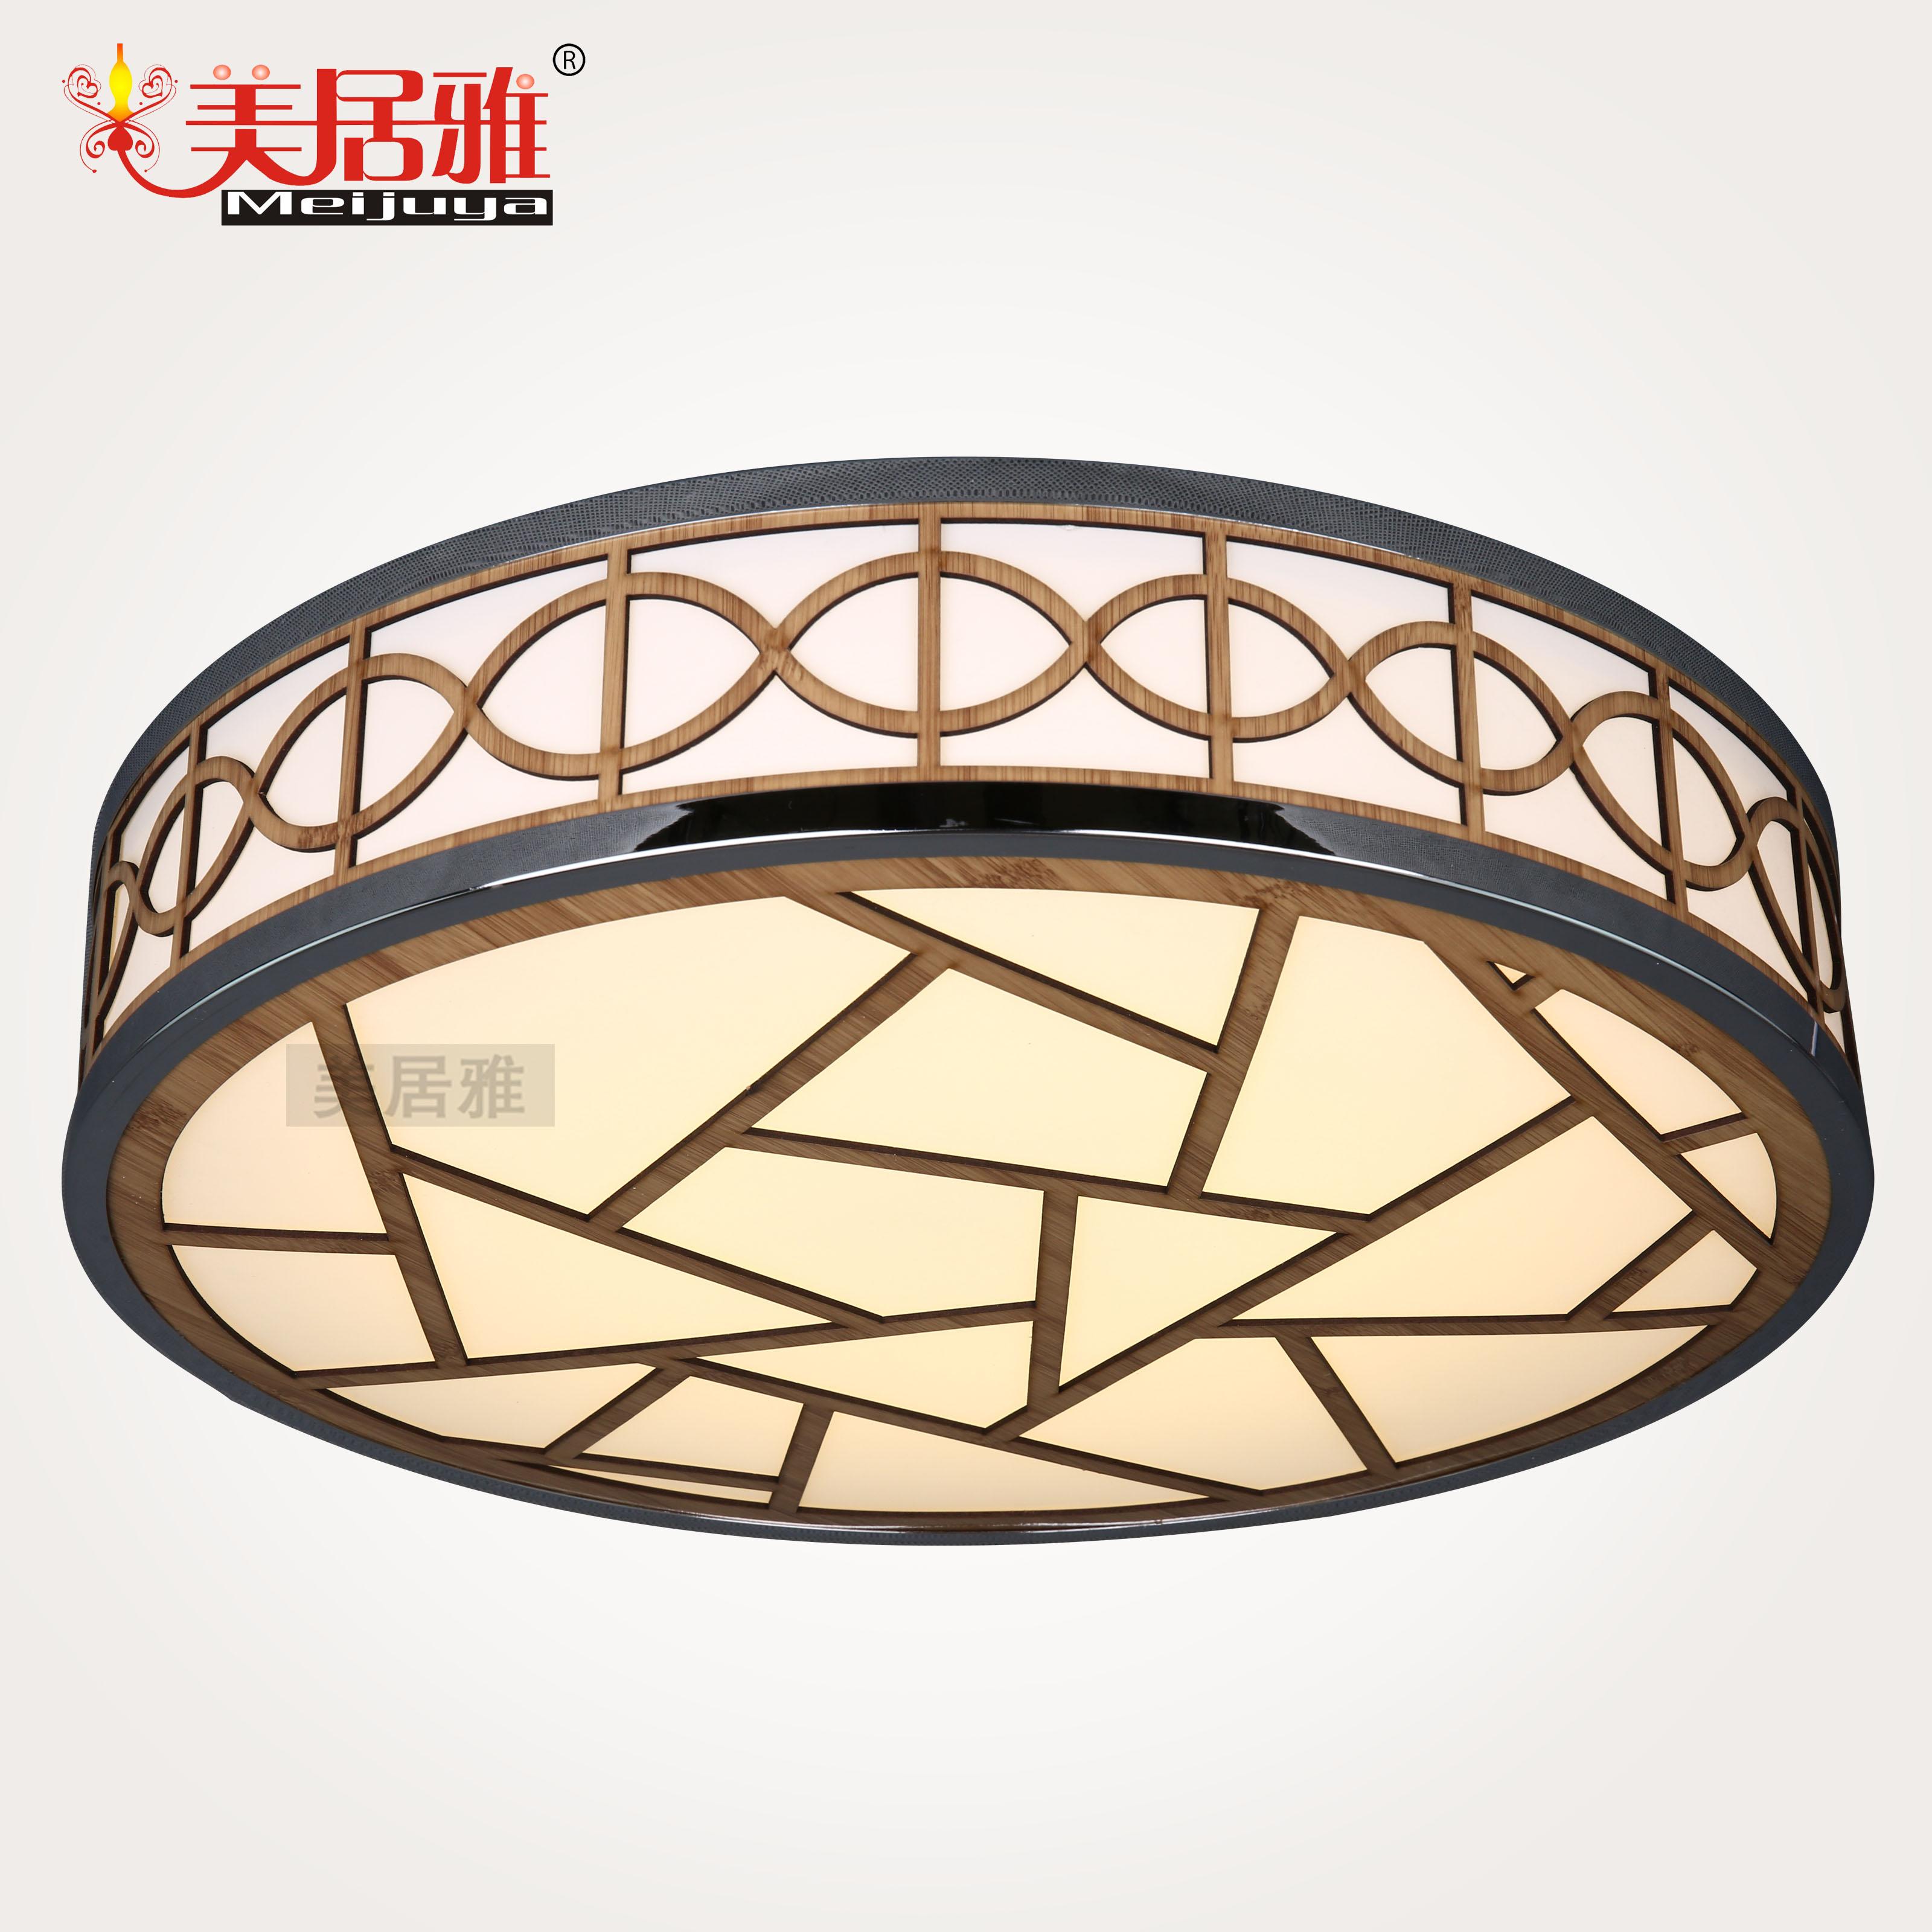 美居雅LED吸顶灯浪漫温馨卧室客厅灯餐厅吸顶灯